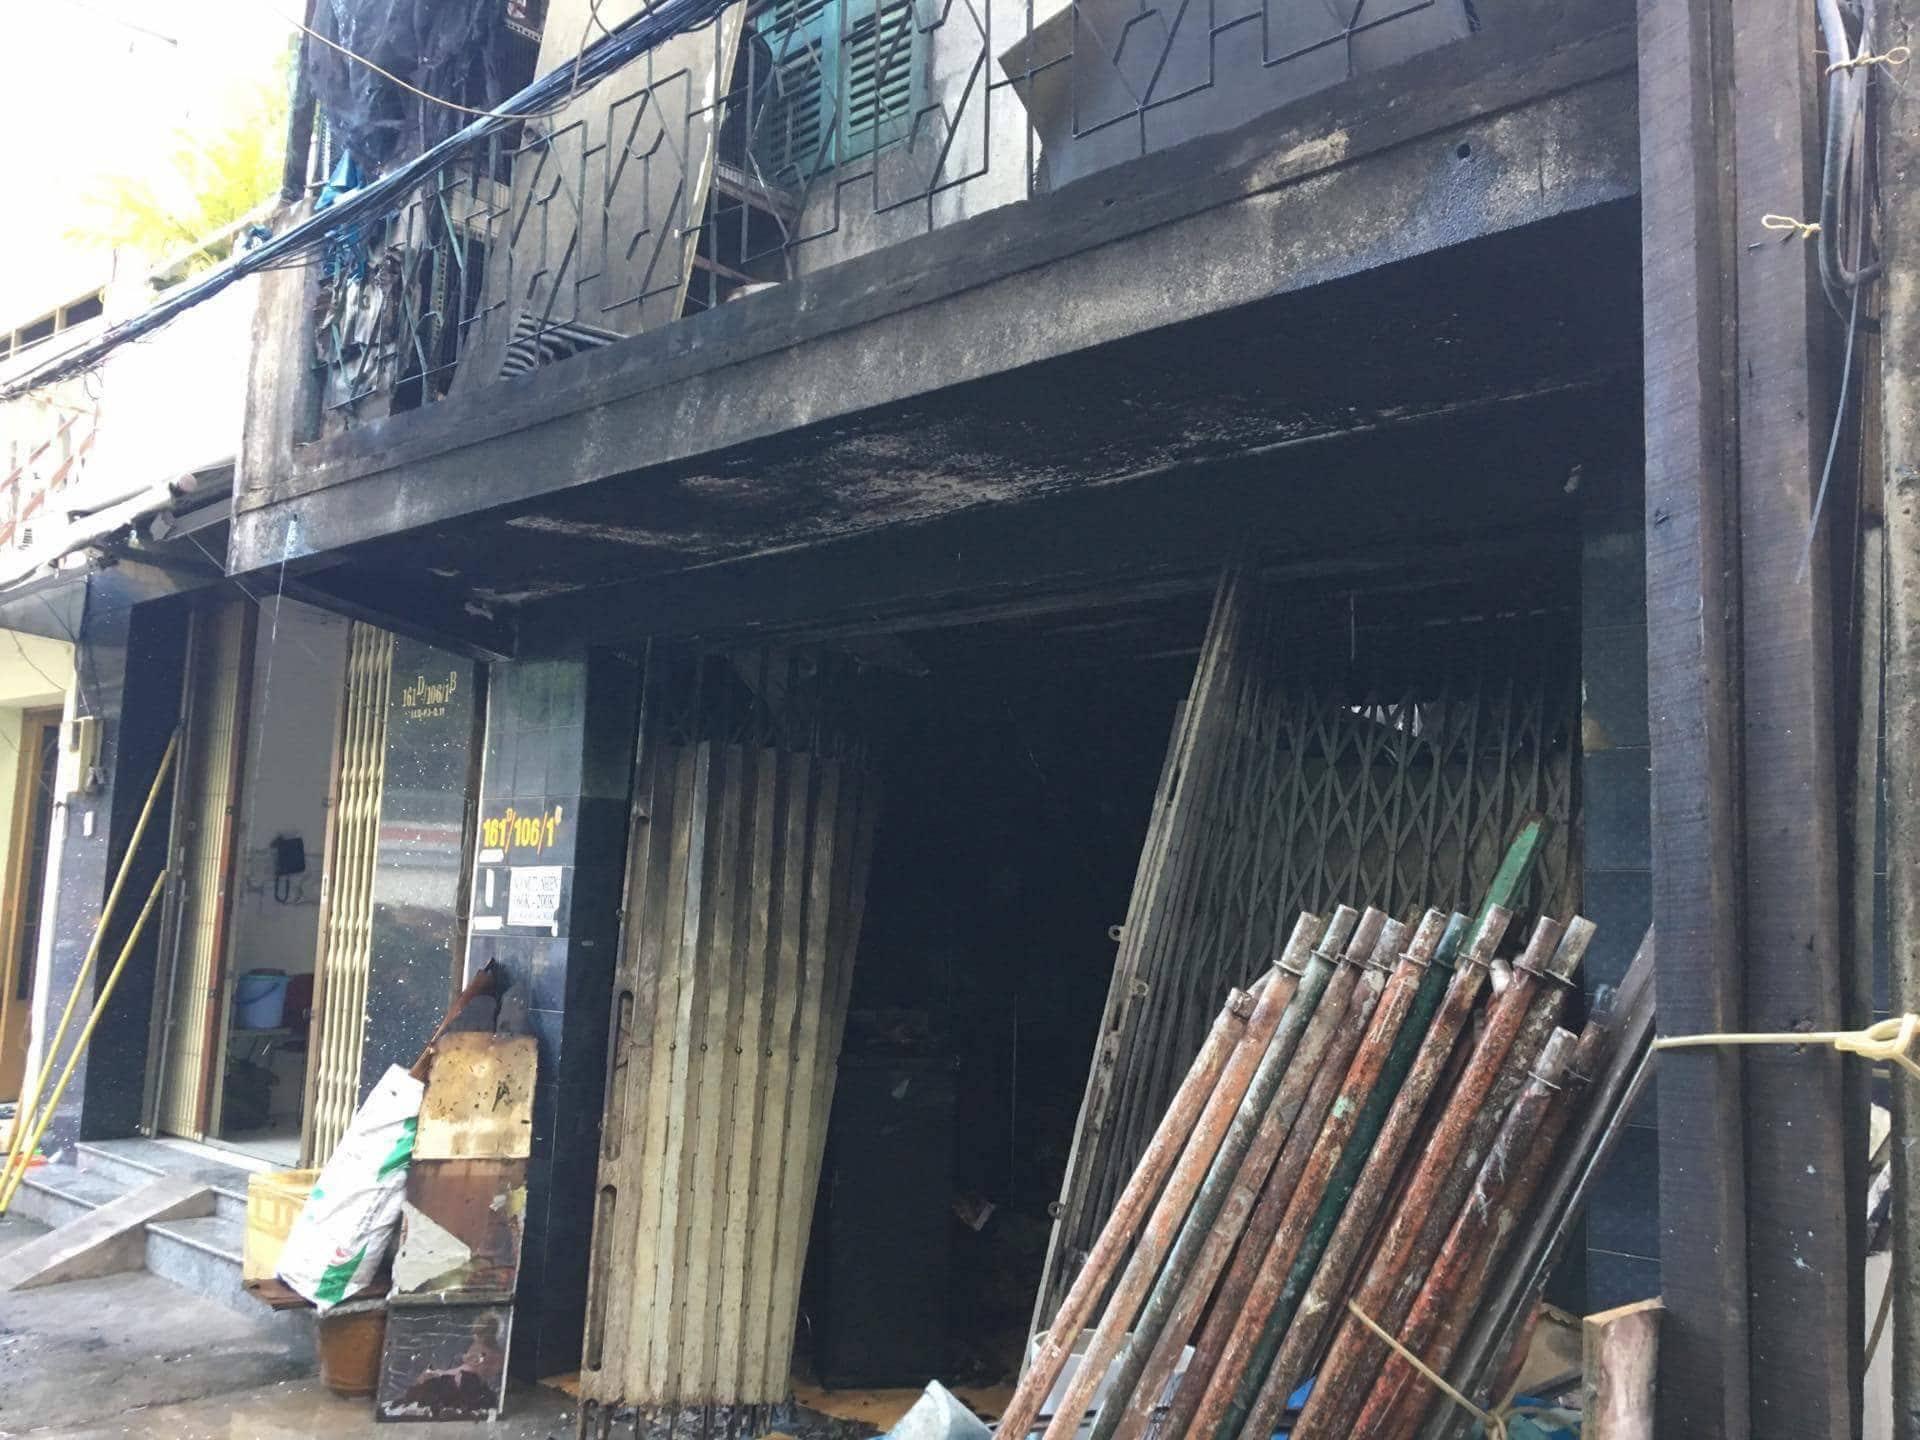 3 mẹ con tử vong trong căn nhà rực lửa ở Sài Gòn